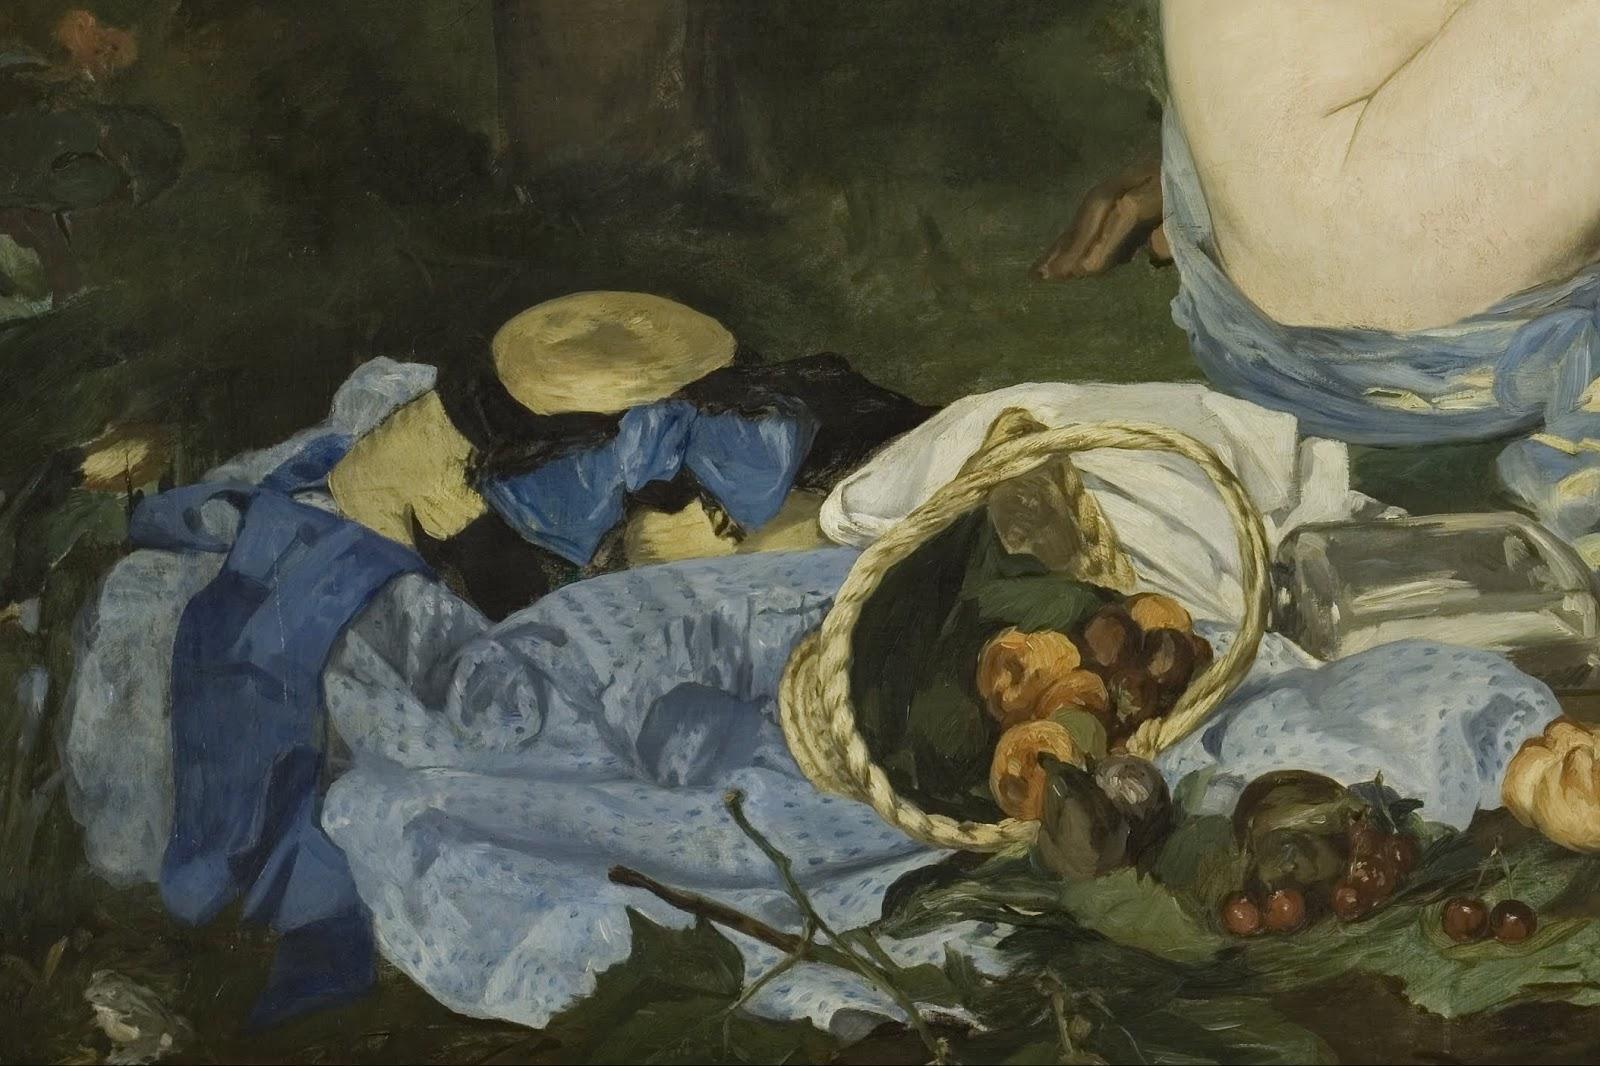 Douard manet le d jeuner sur l 39 herbe 1863 art in for Vaisselle dejeuner sur l herbe